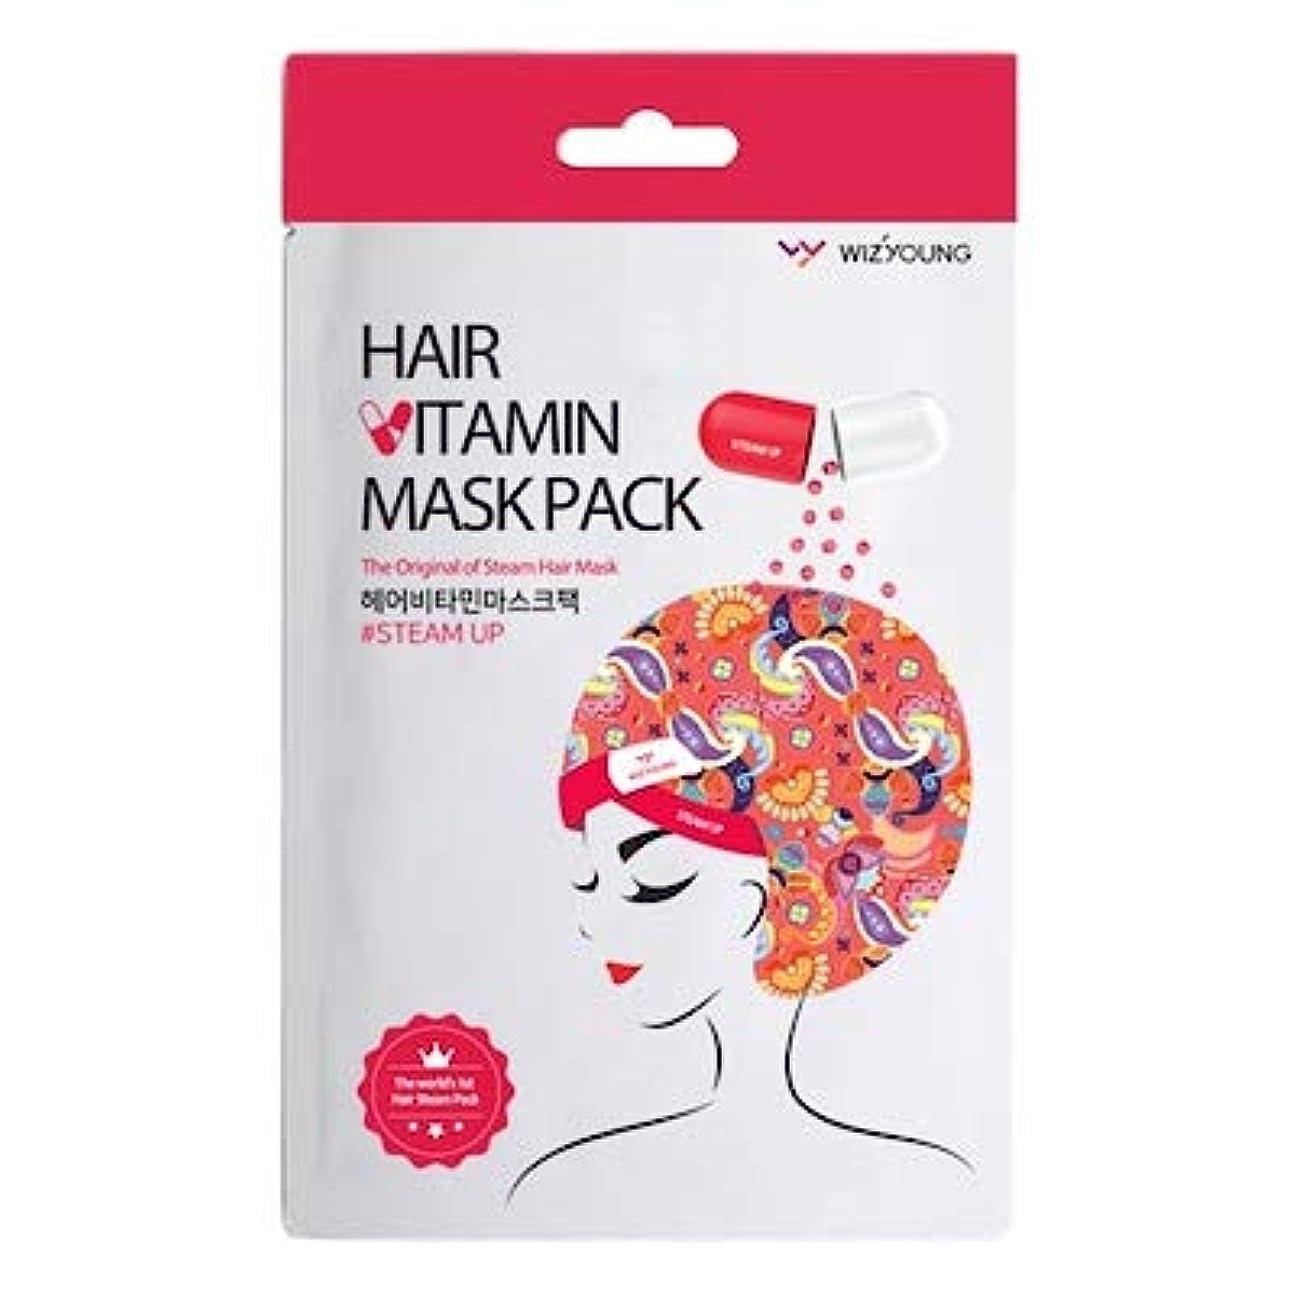 古くなった結晶グラスヘアビタミンマスクパック スチームアップ 3パックセット HAIR VITAMIN MASK PACK STEAM UP